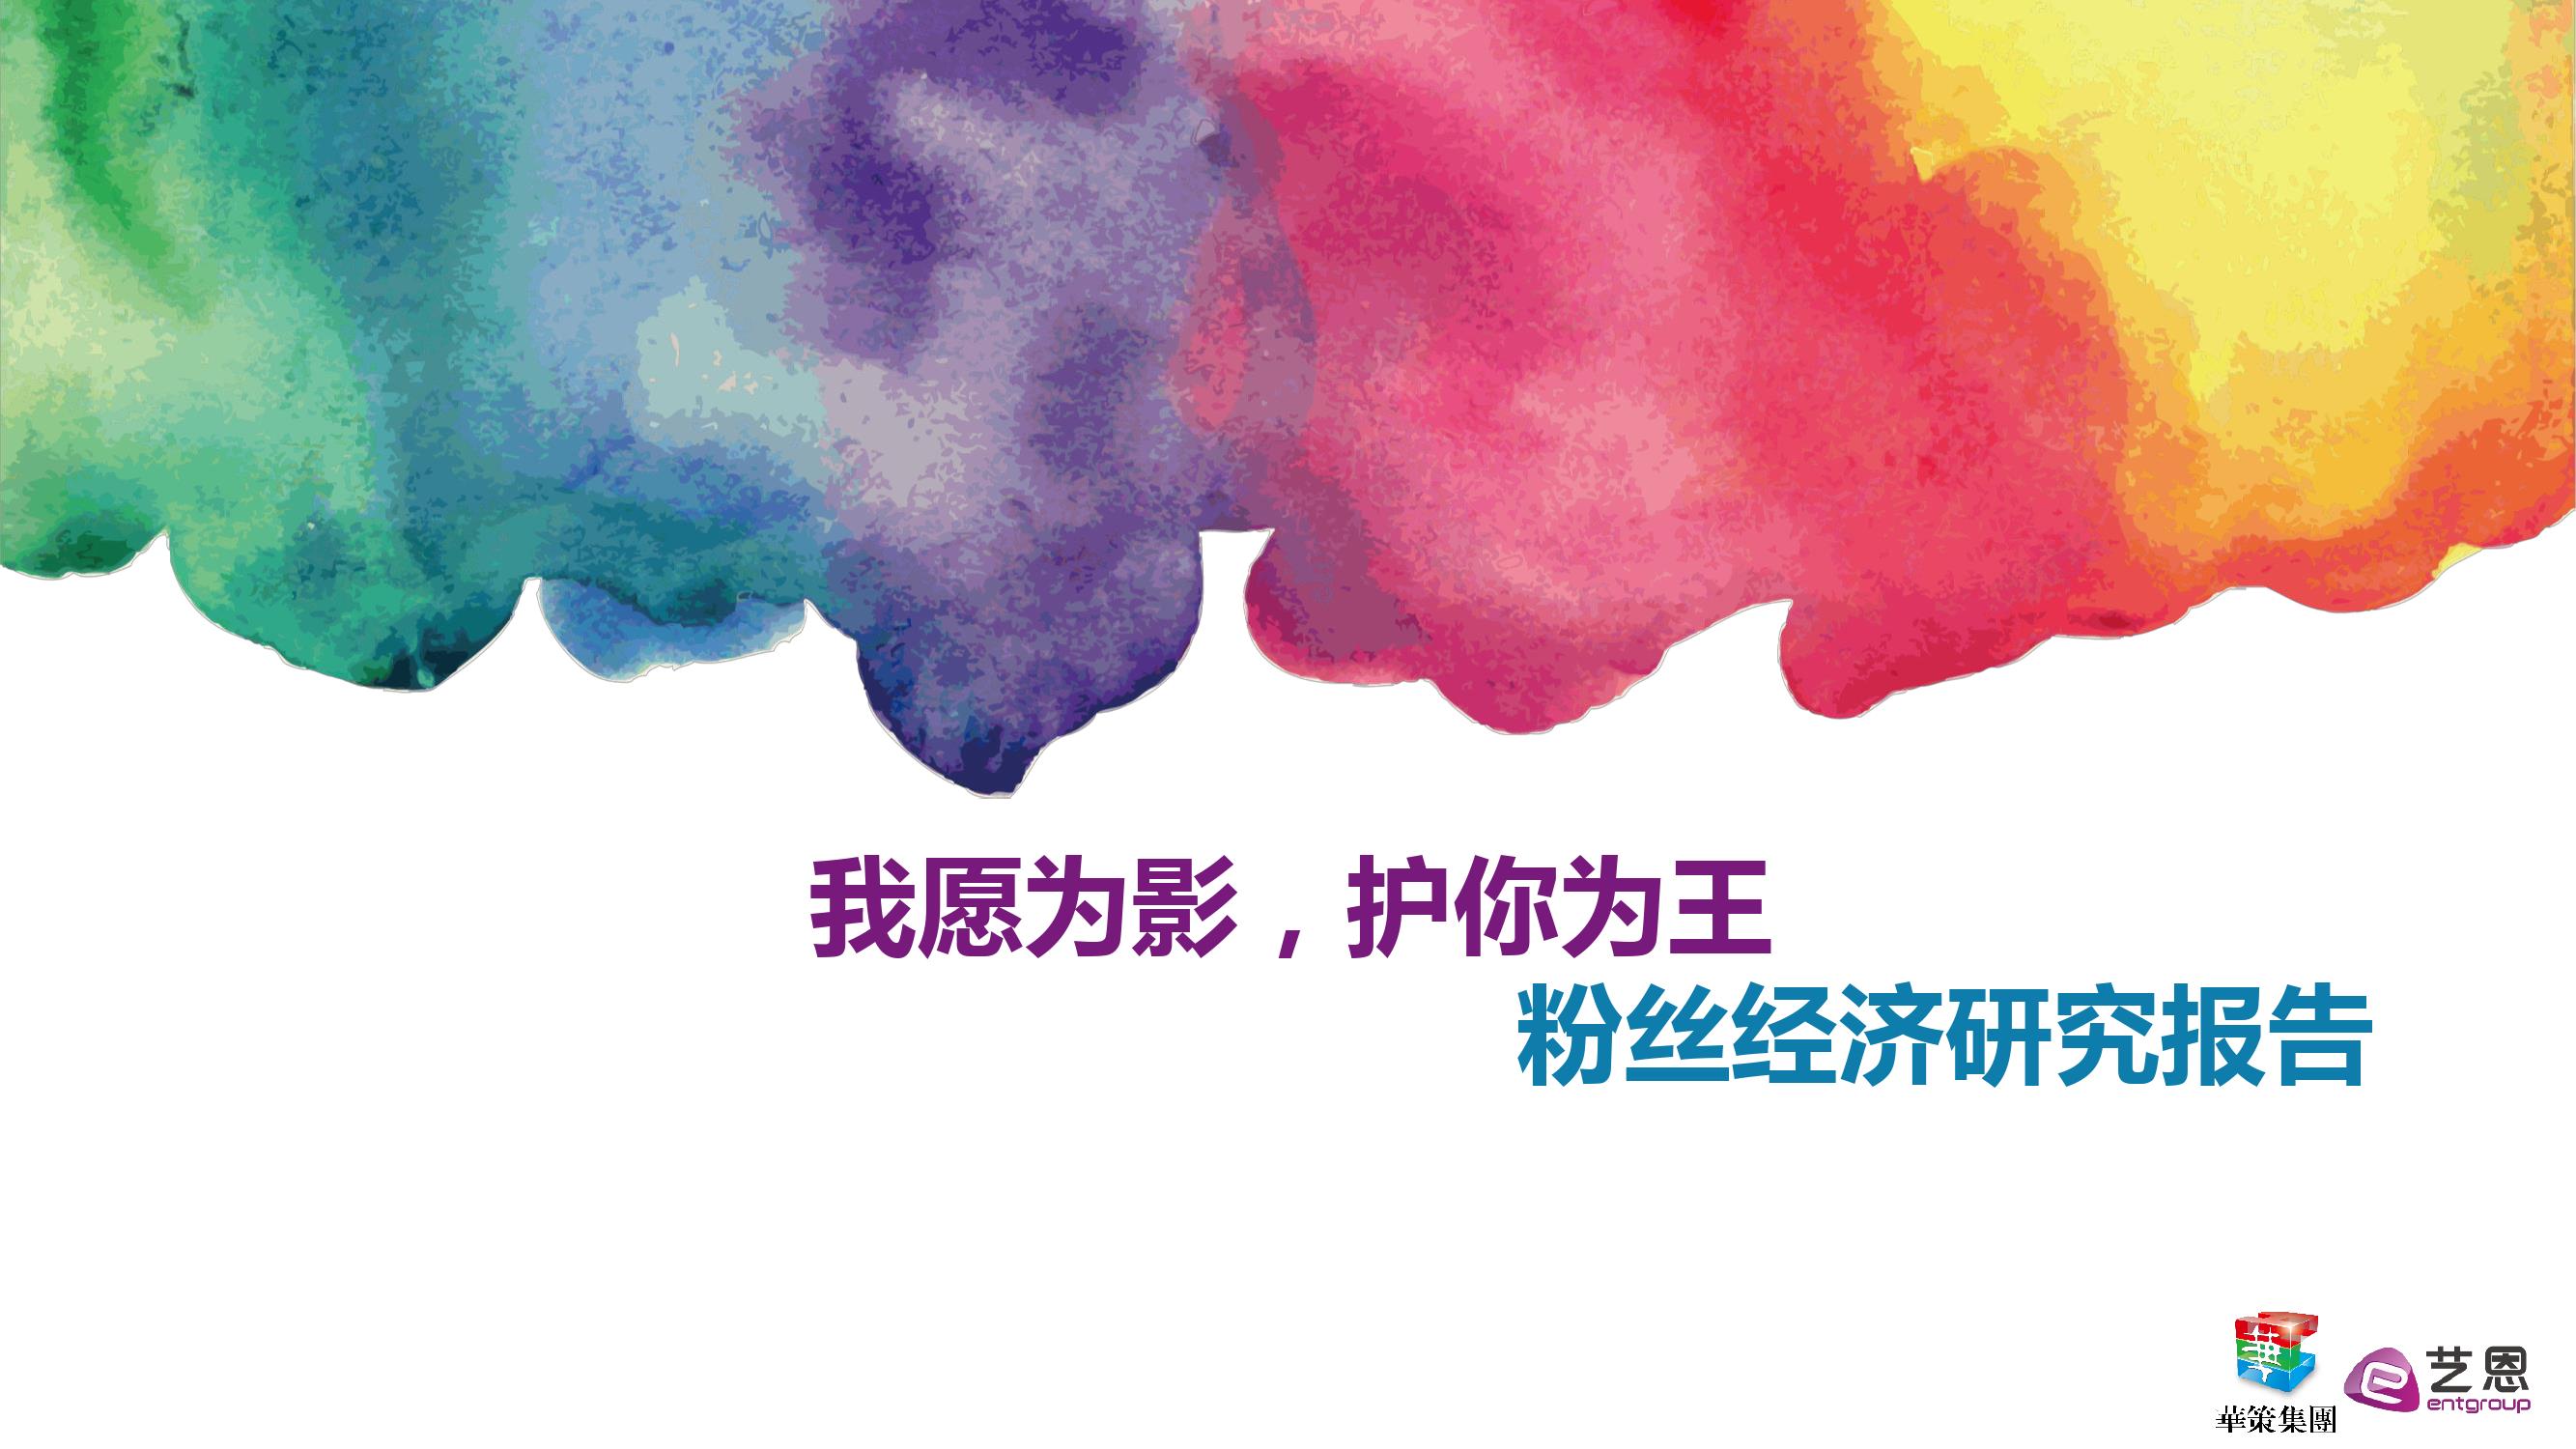 艺恩:粉丝经济研究报告_000001